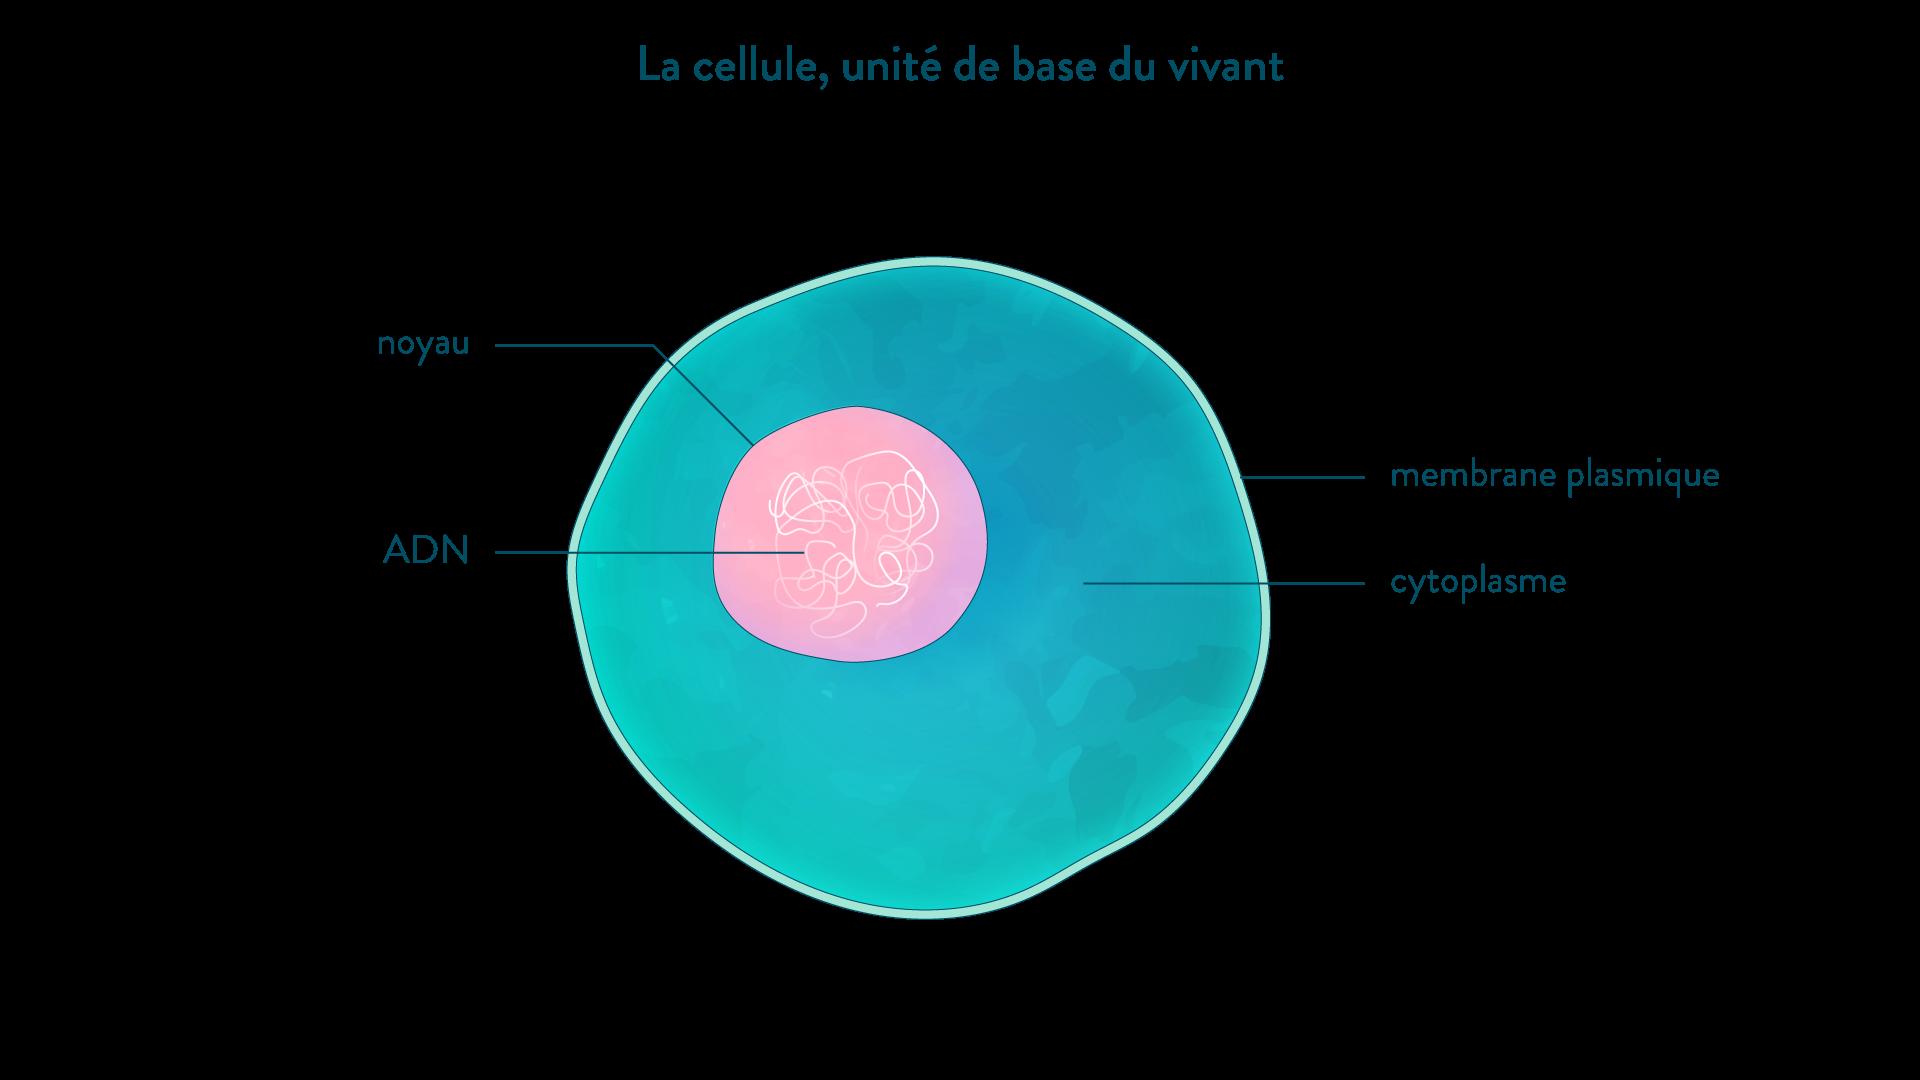 La cellule, unité de base du vivant